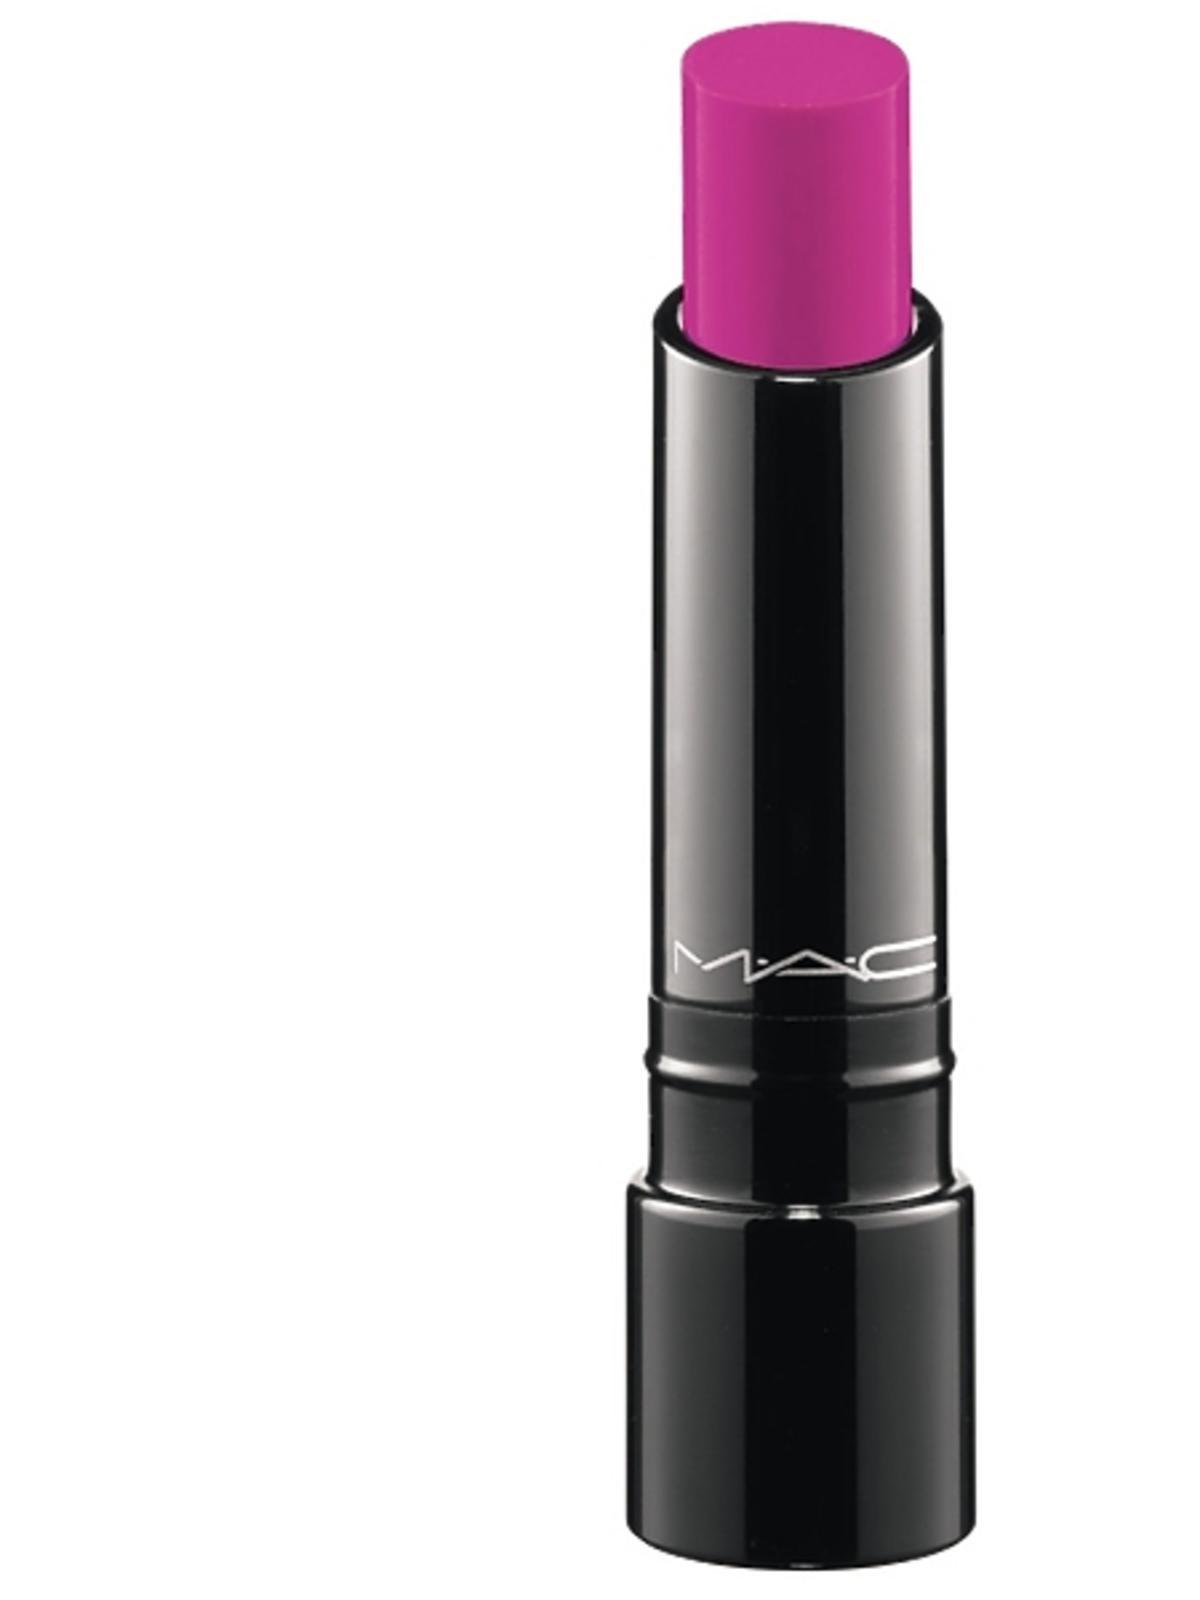 Różowa szminka do ust MAC (Lust Extract), cena